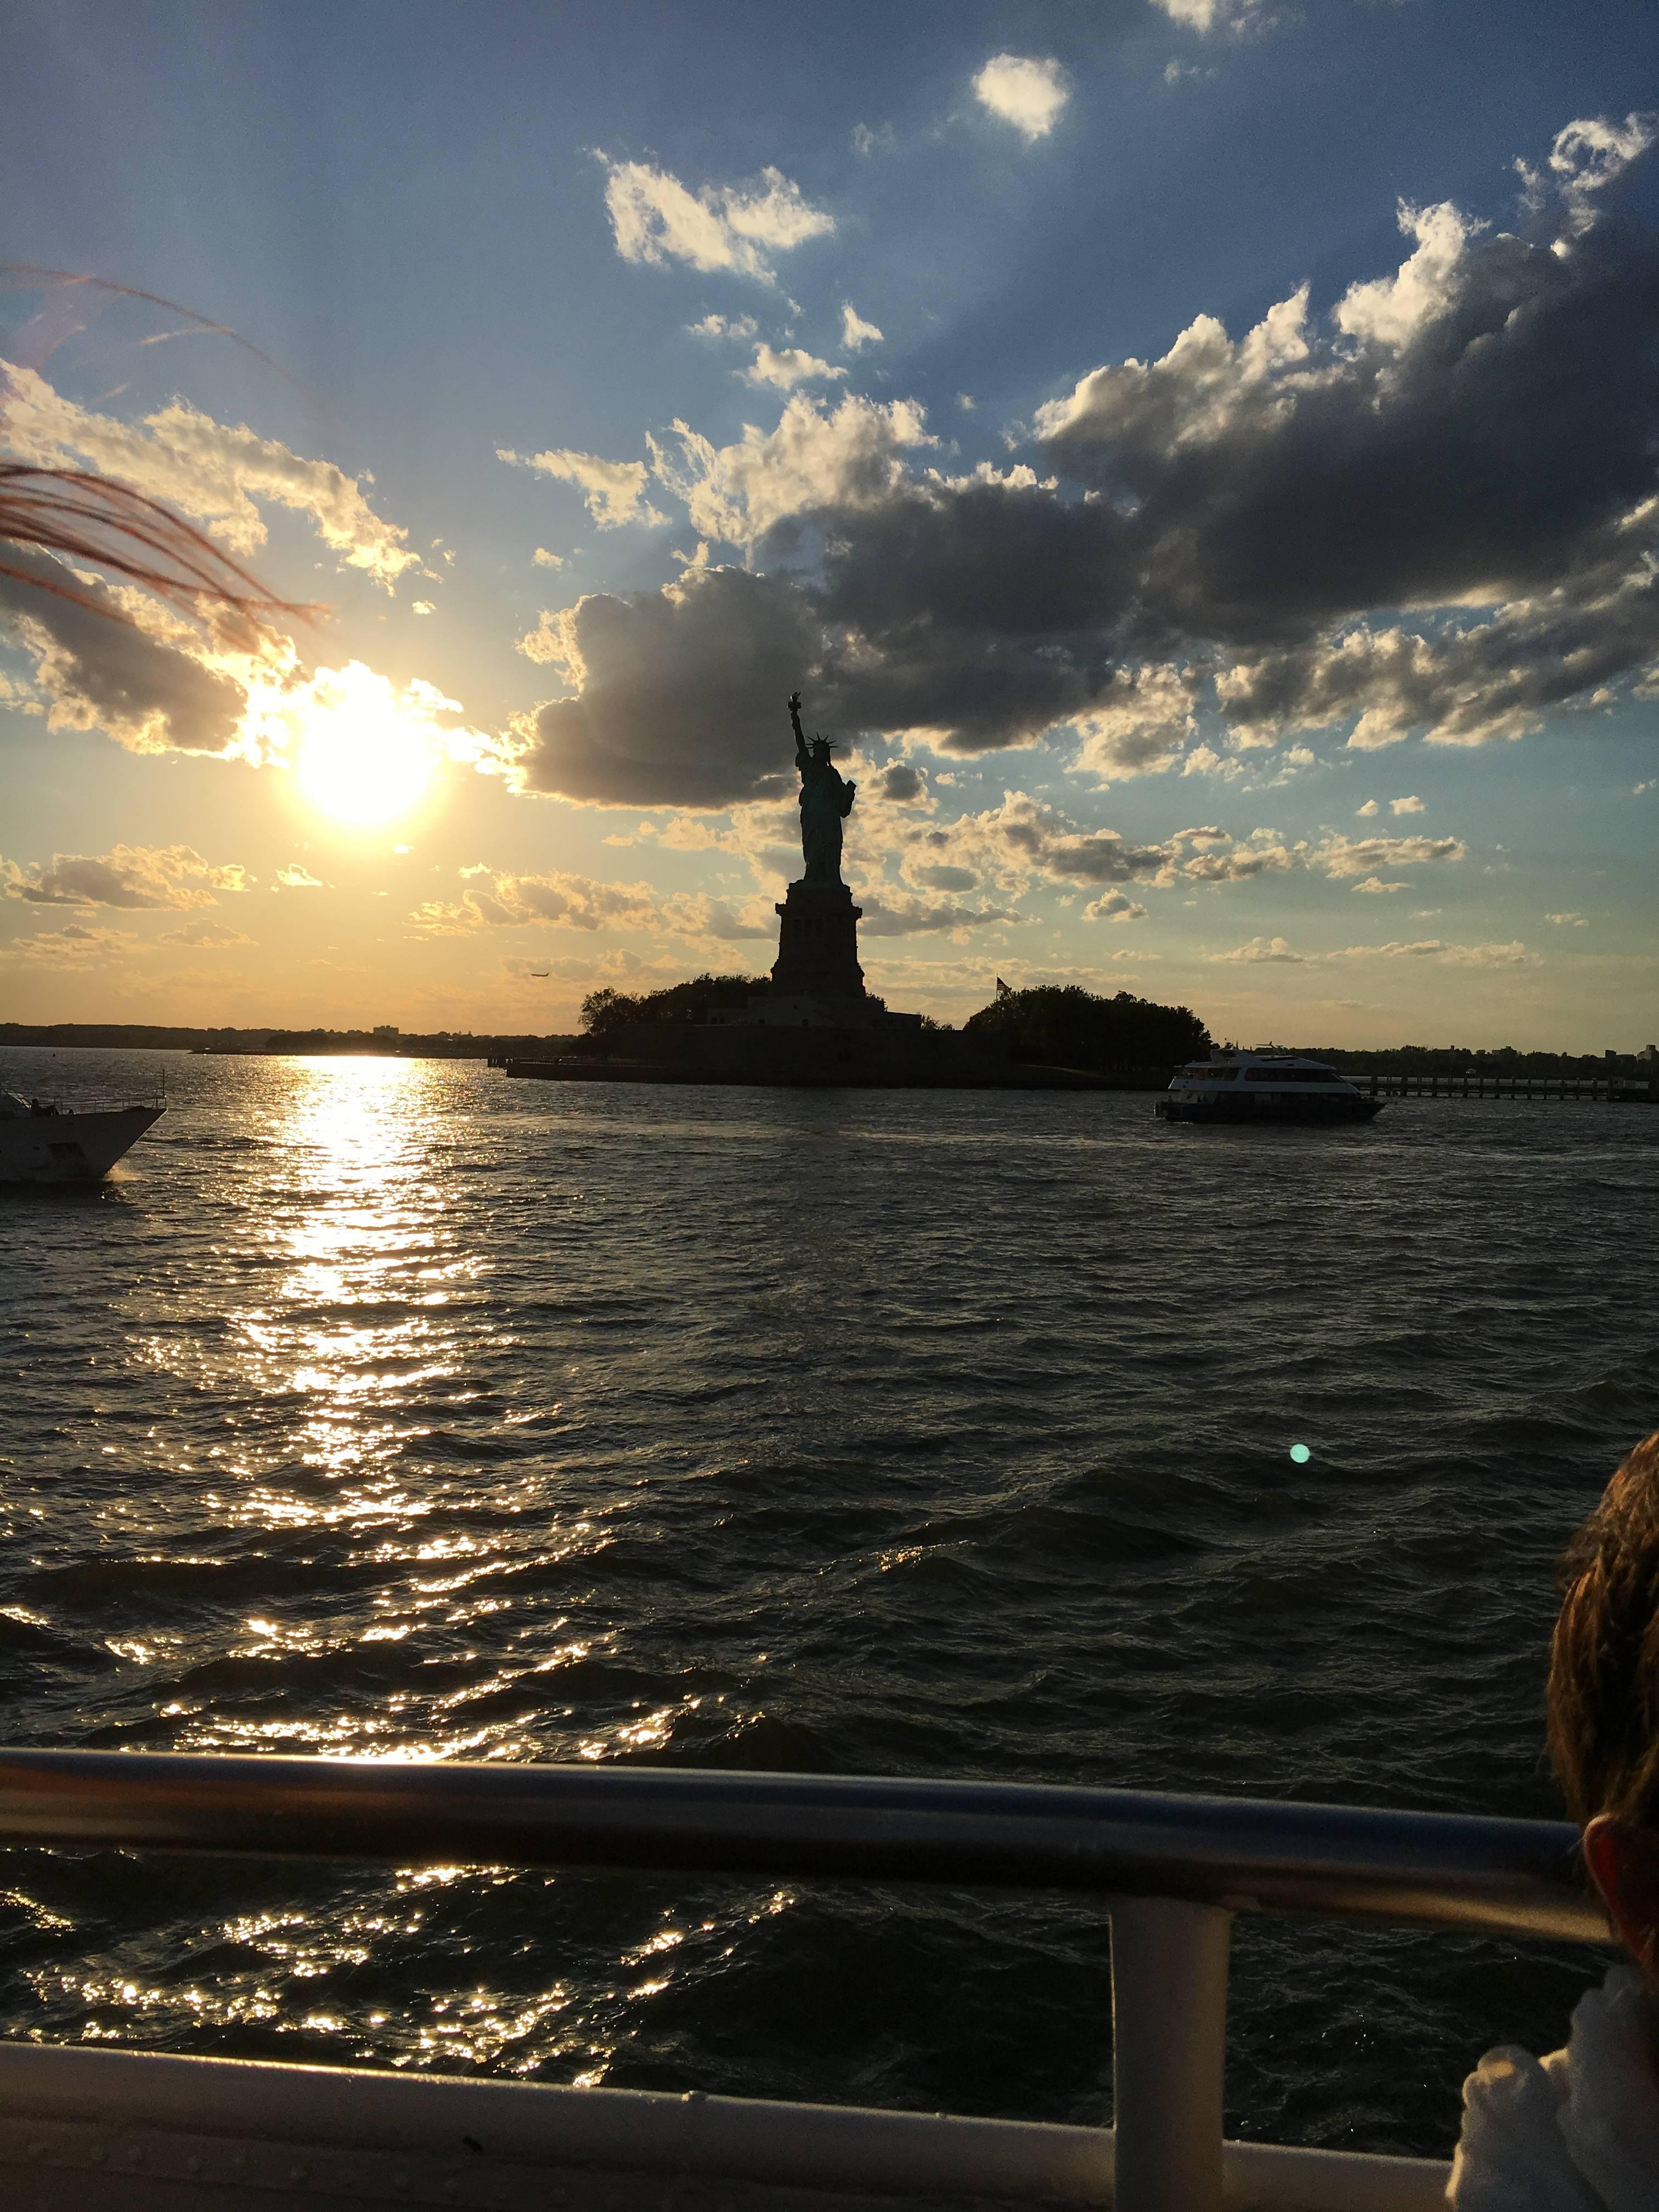 Photo 1: New York City vu de l'Hudson au coucher du soleil